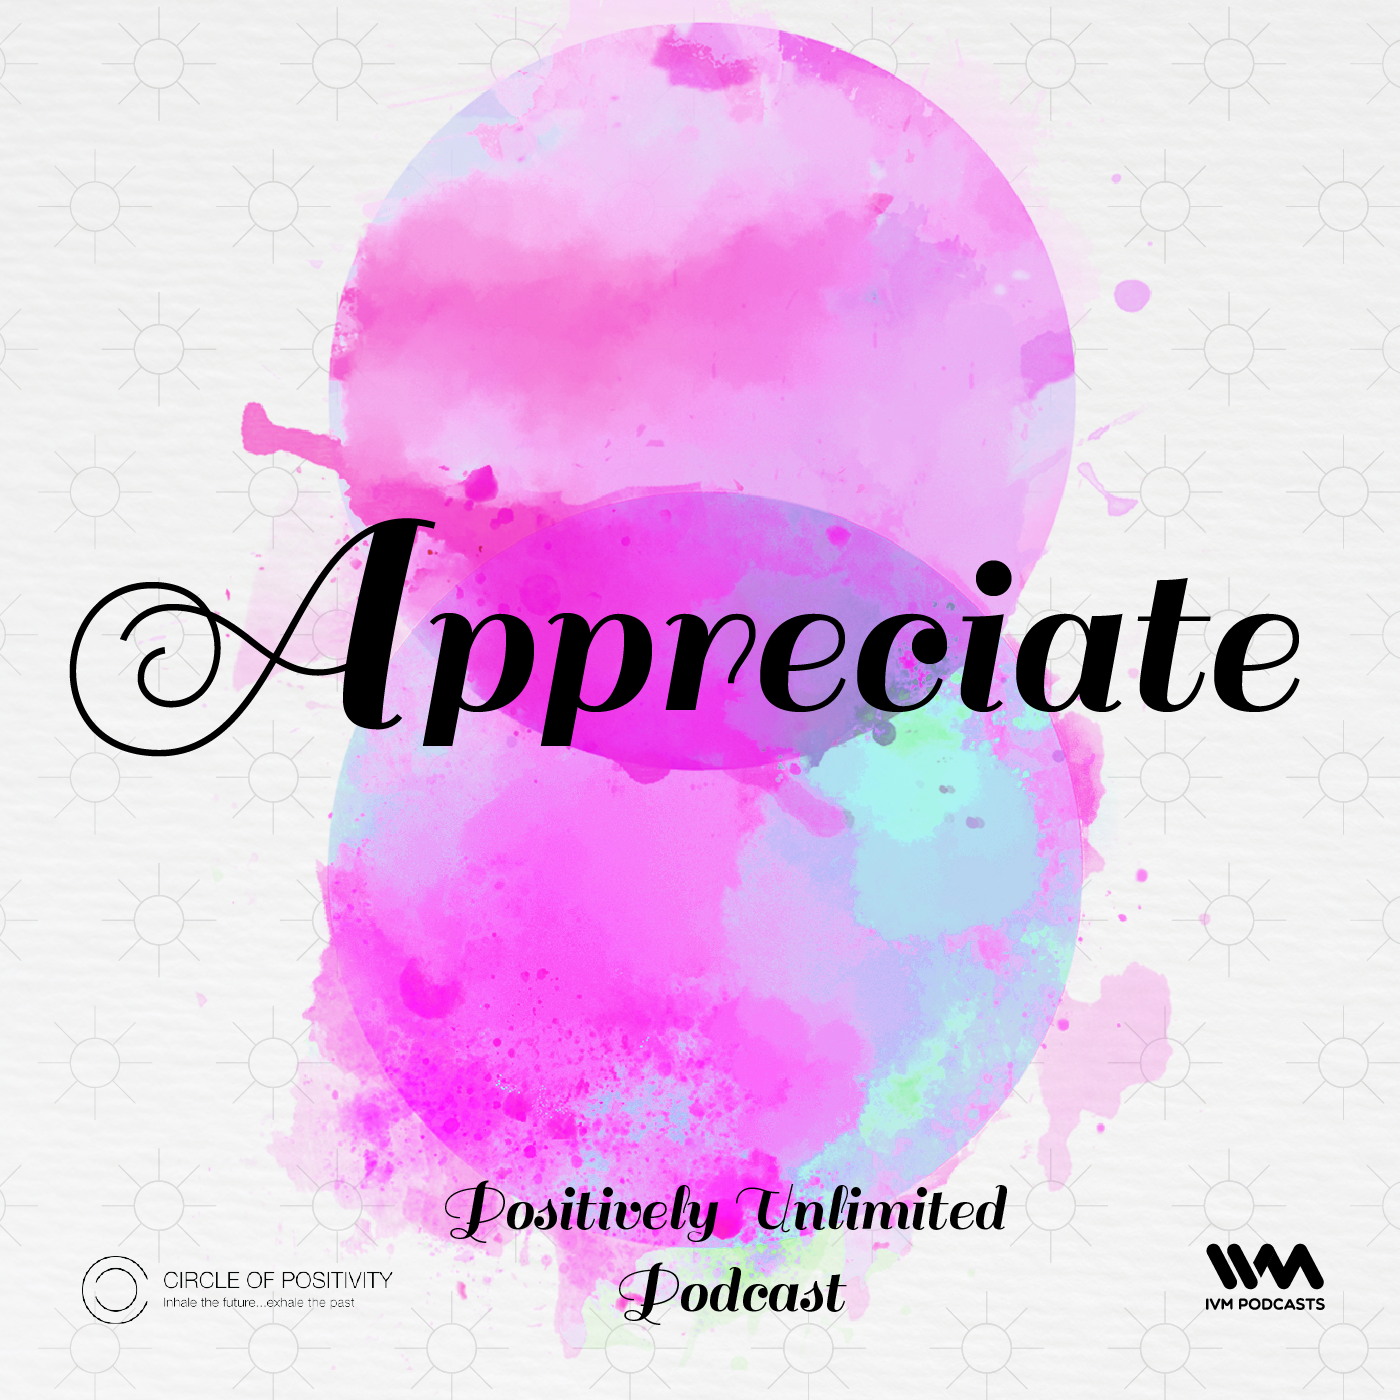 Ep. 99: A for Appreciate